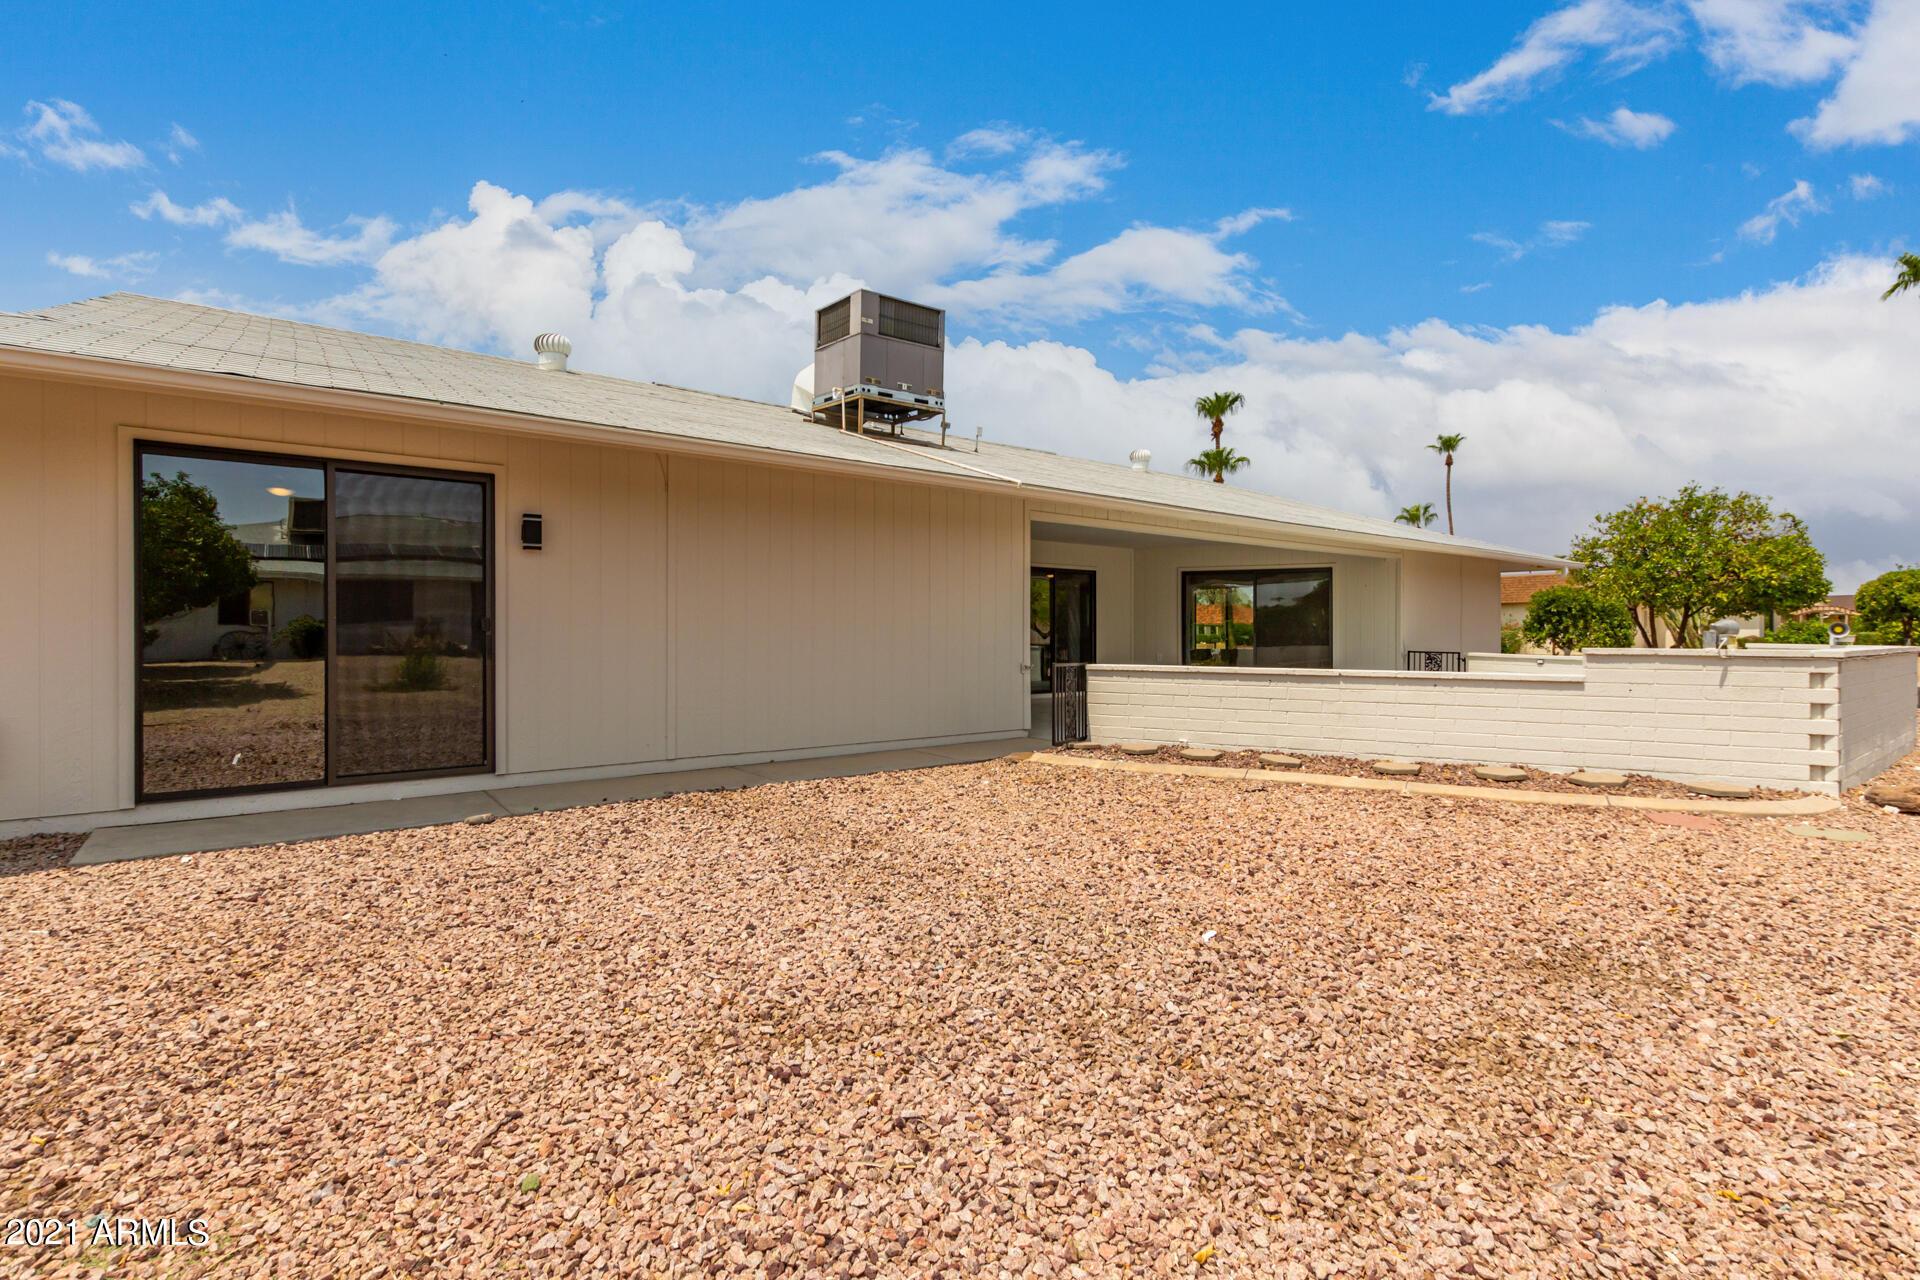 MLS 6269174 12834 W PAINTBRUSH Drive, Sun City West, AZ 85375 Sun City West AZ Tennis Court